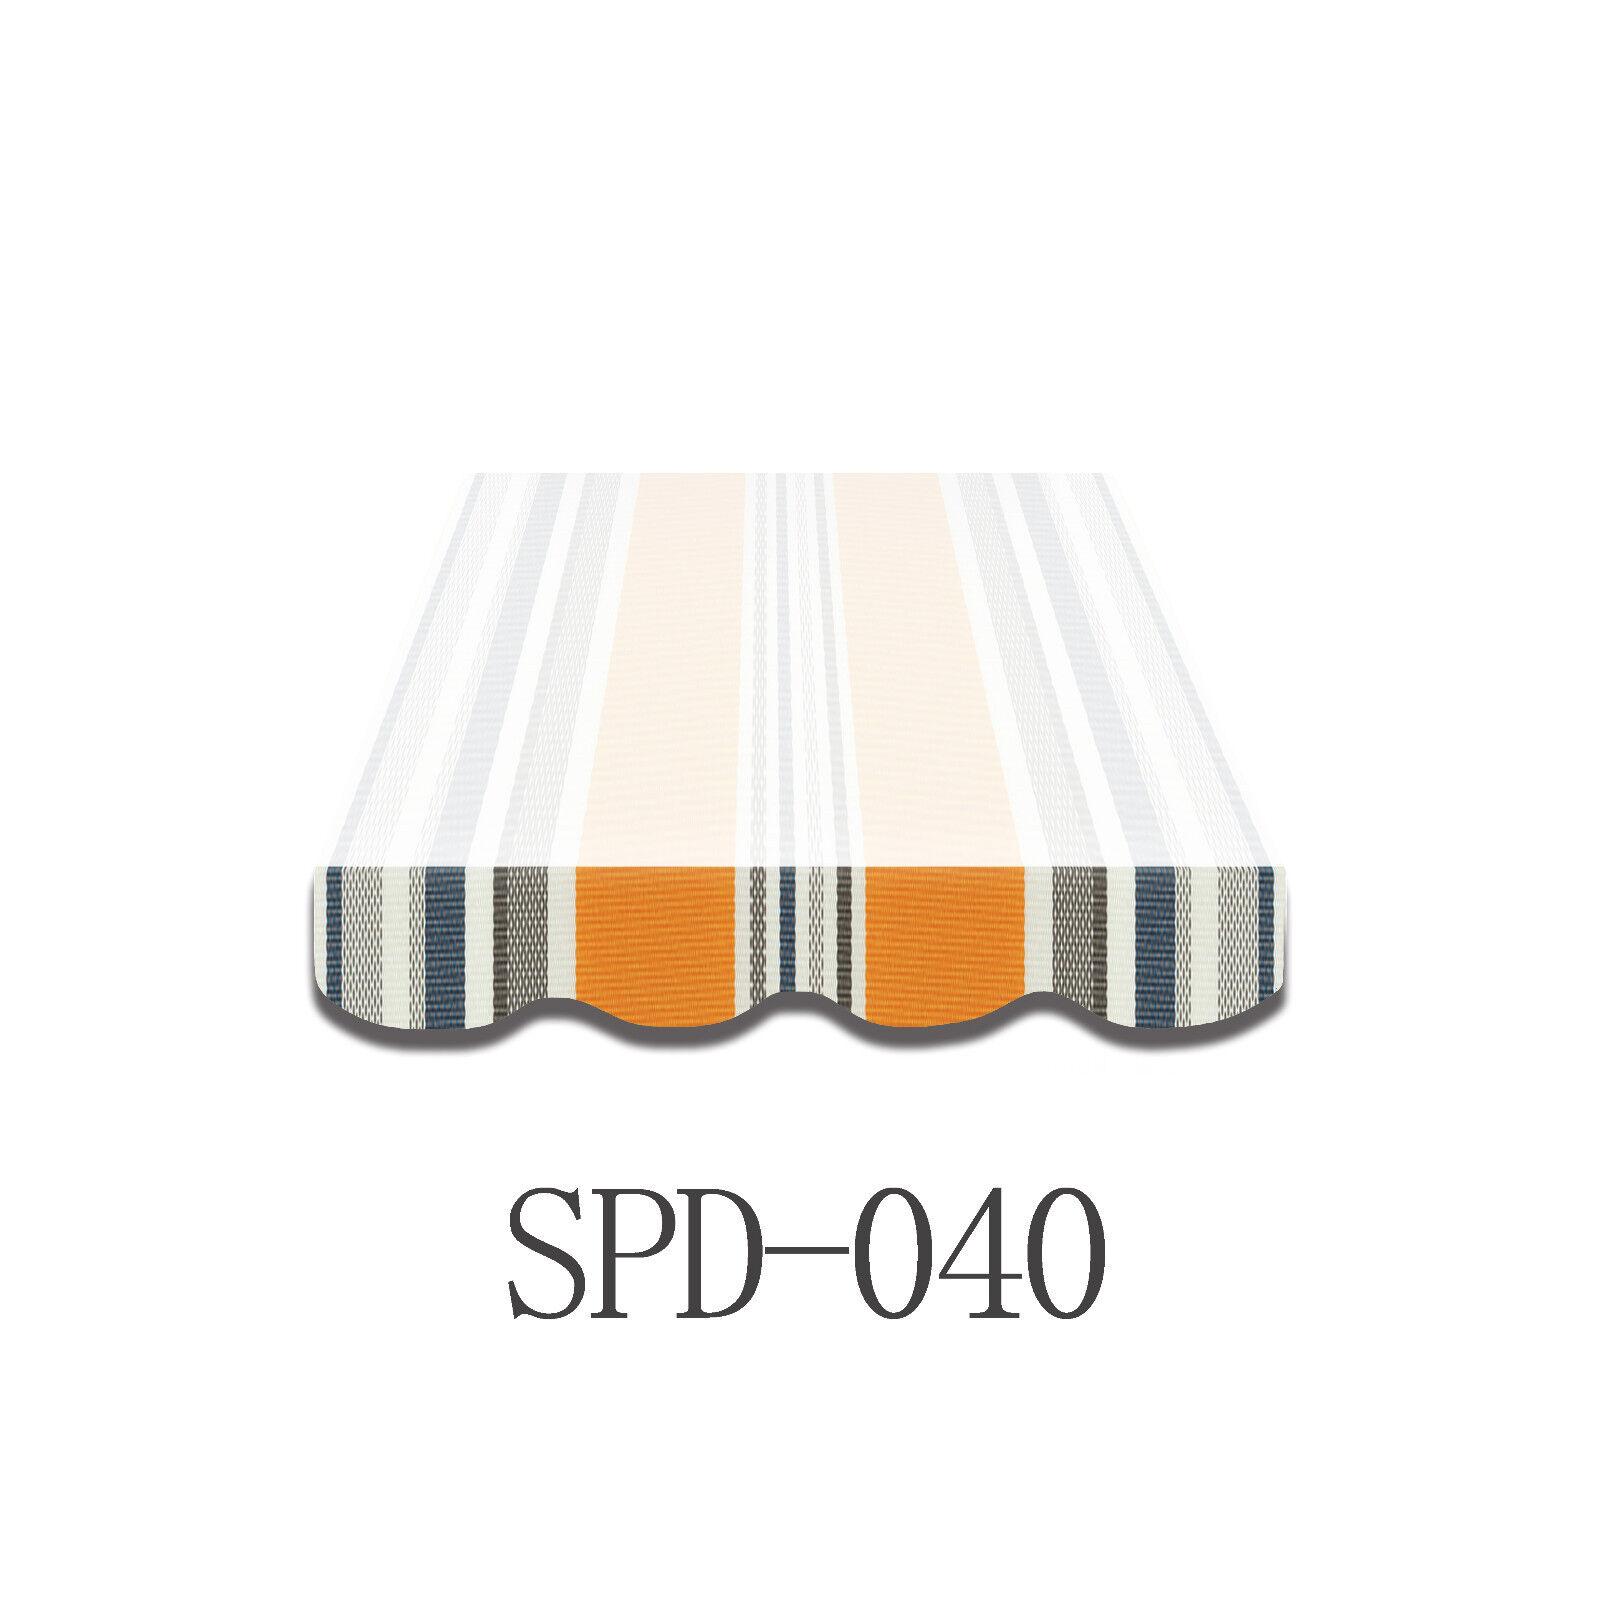 Volant Markisen Markisenbespannung Ersatzstoff Markise 5m Neu NUR VOLANT SPD040